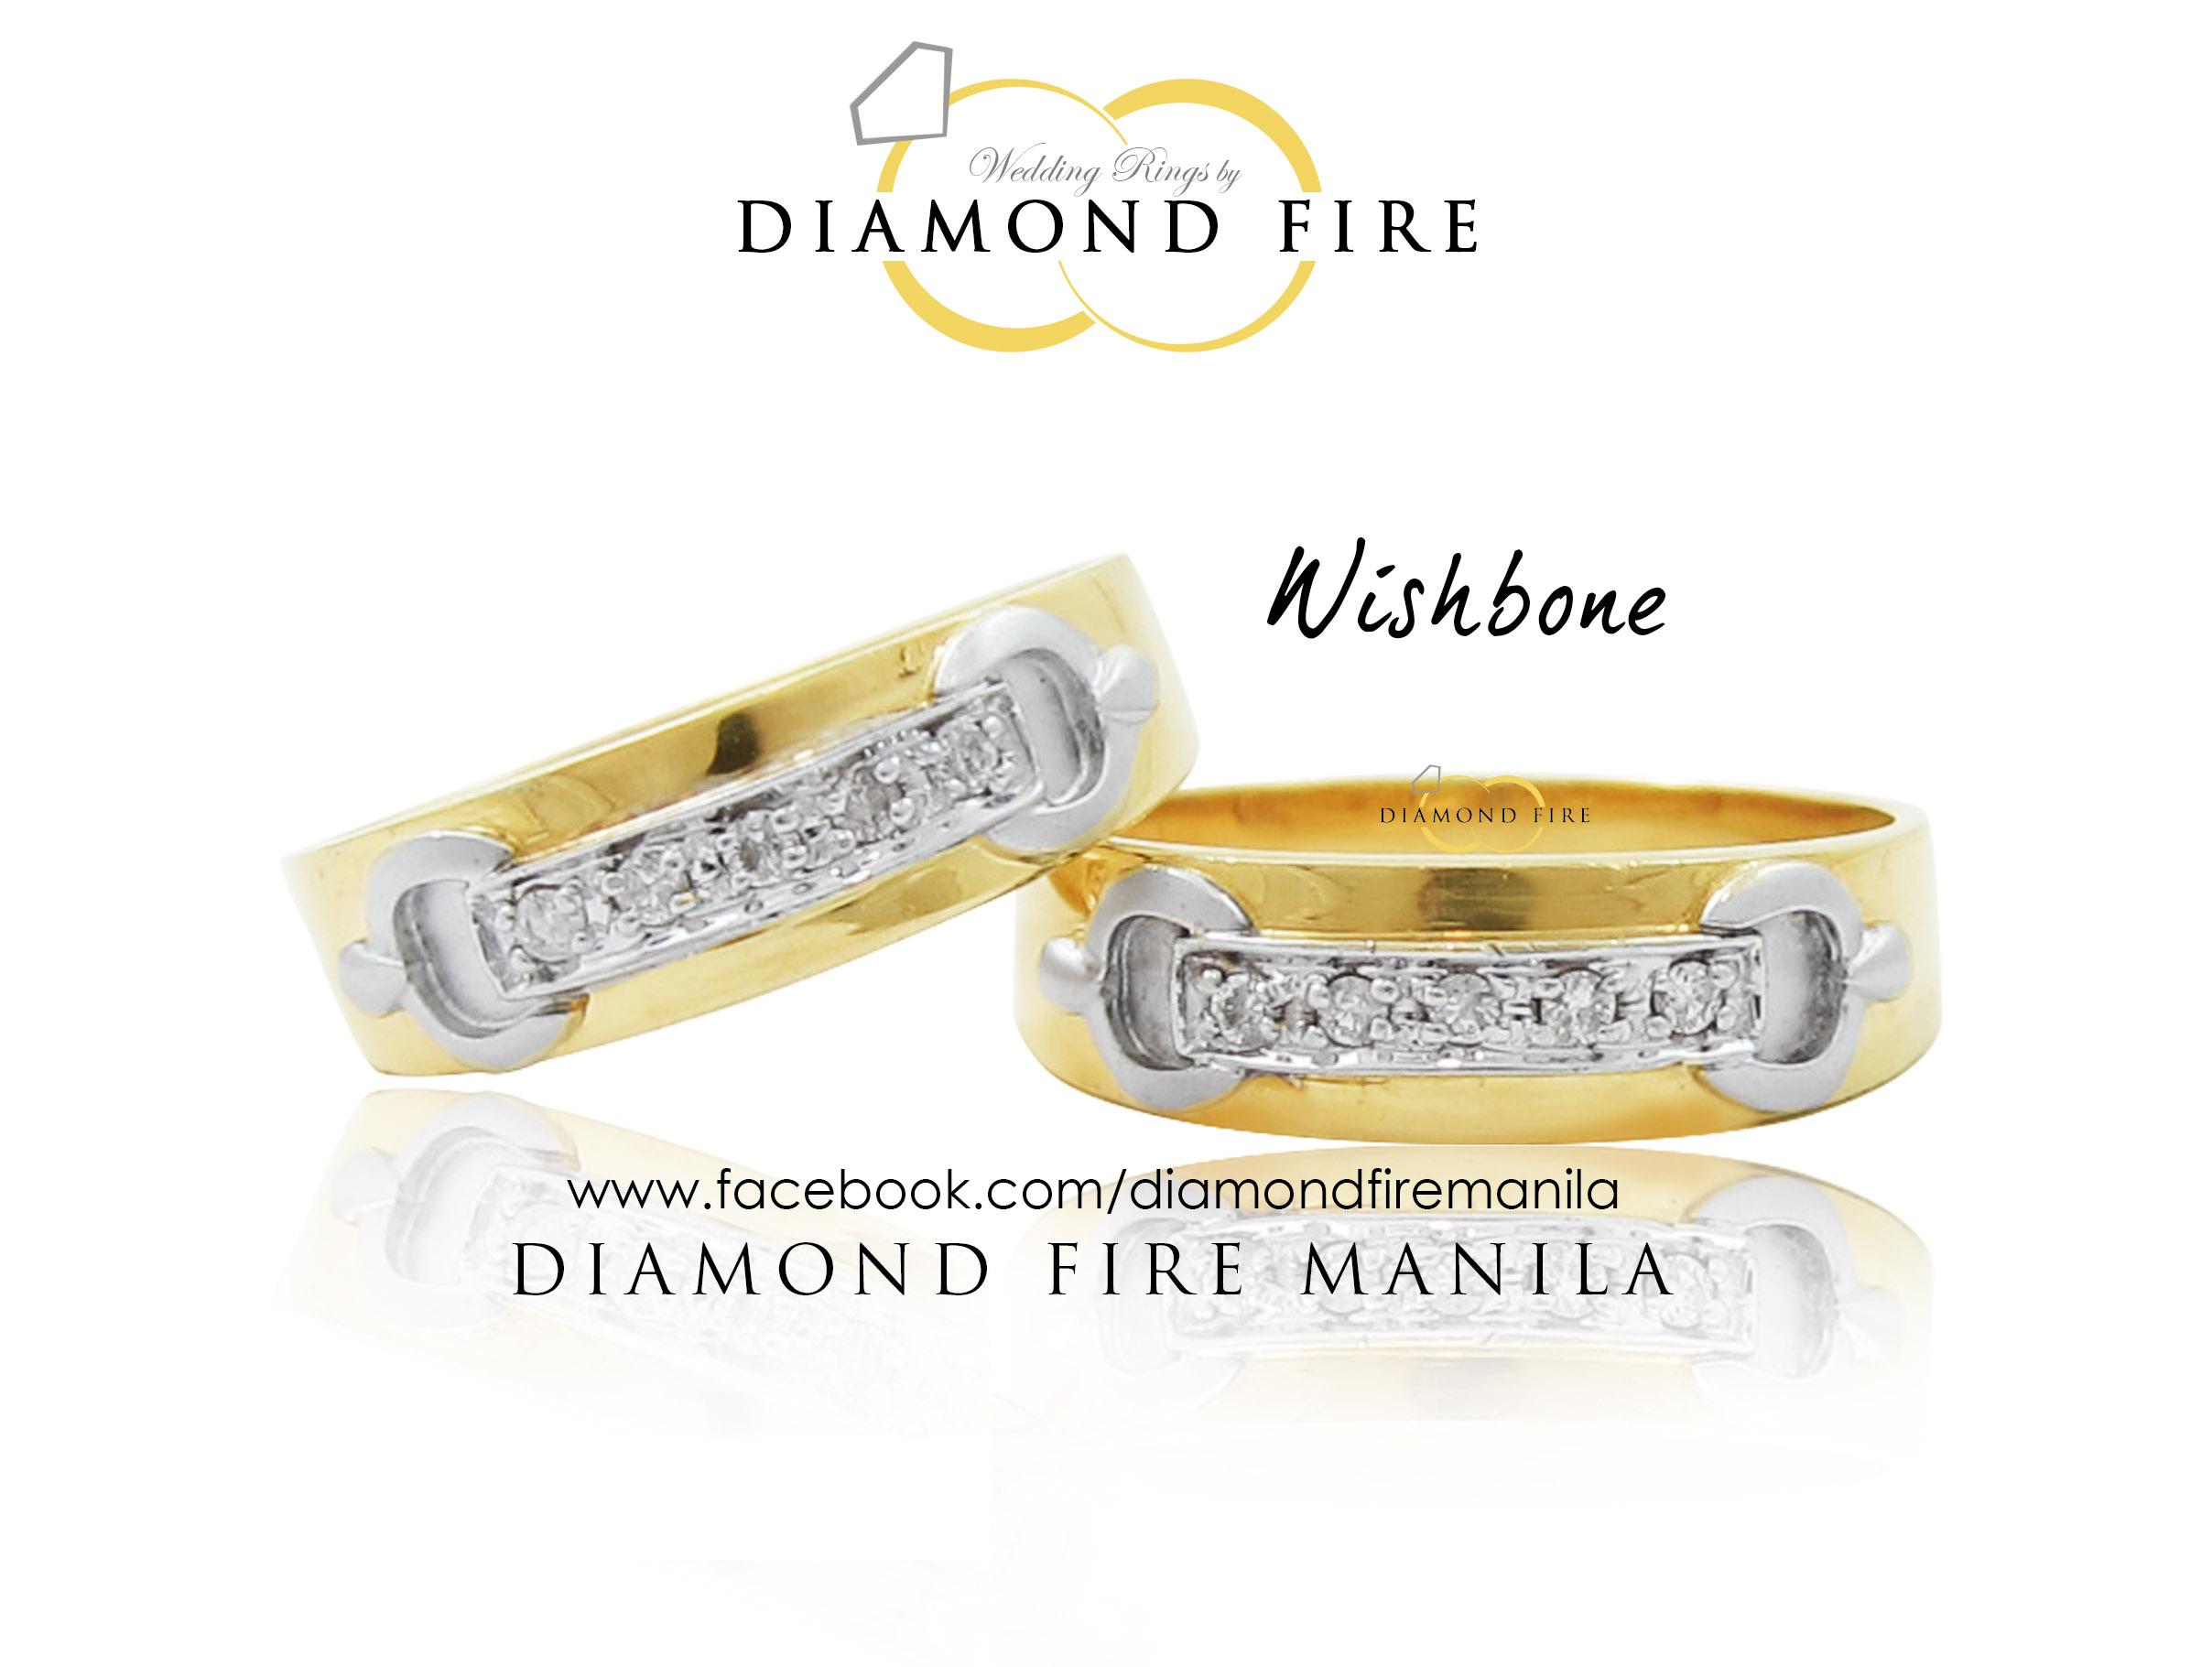 WRDIA35-wishbone